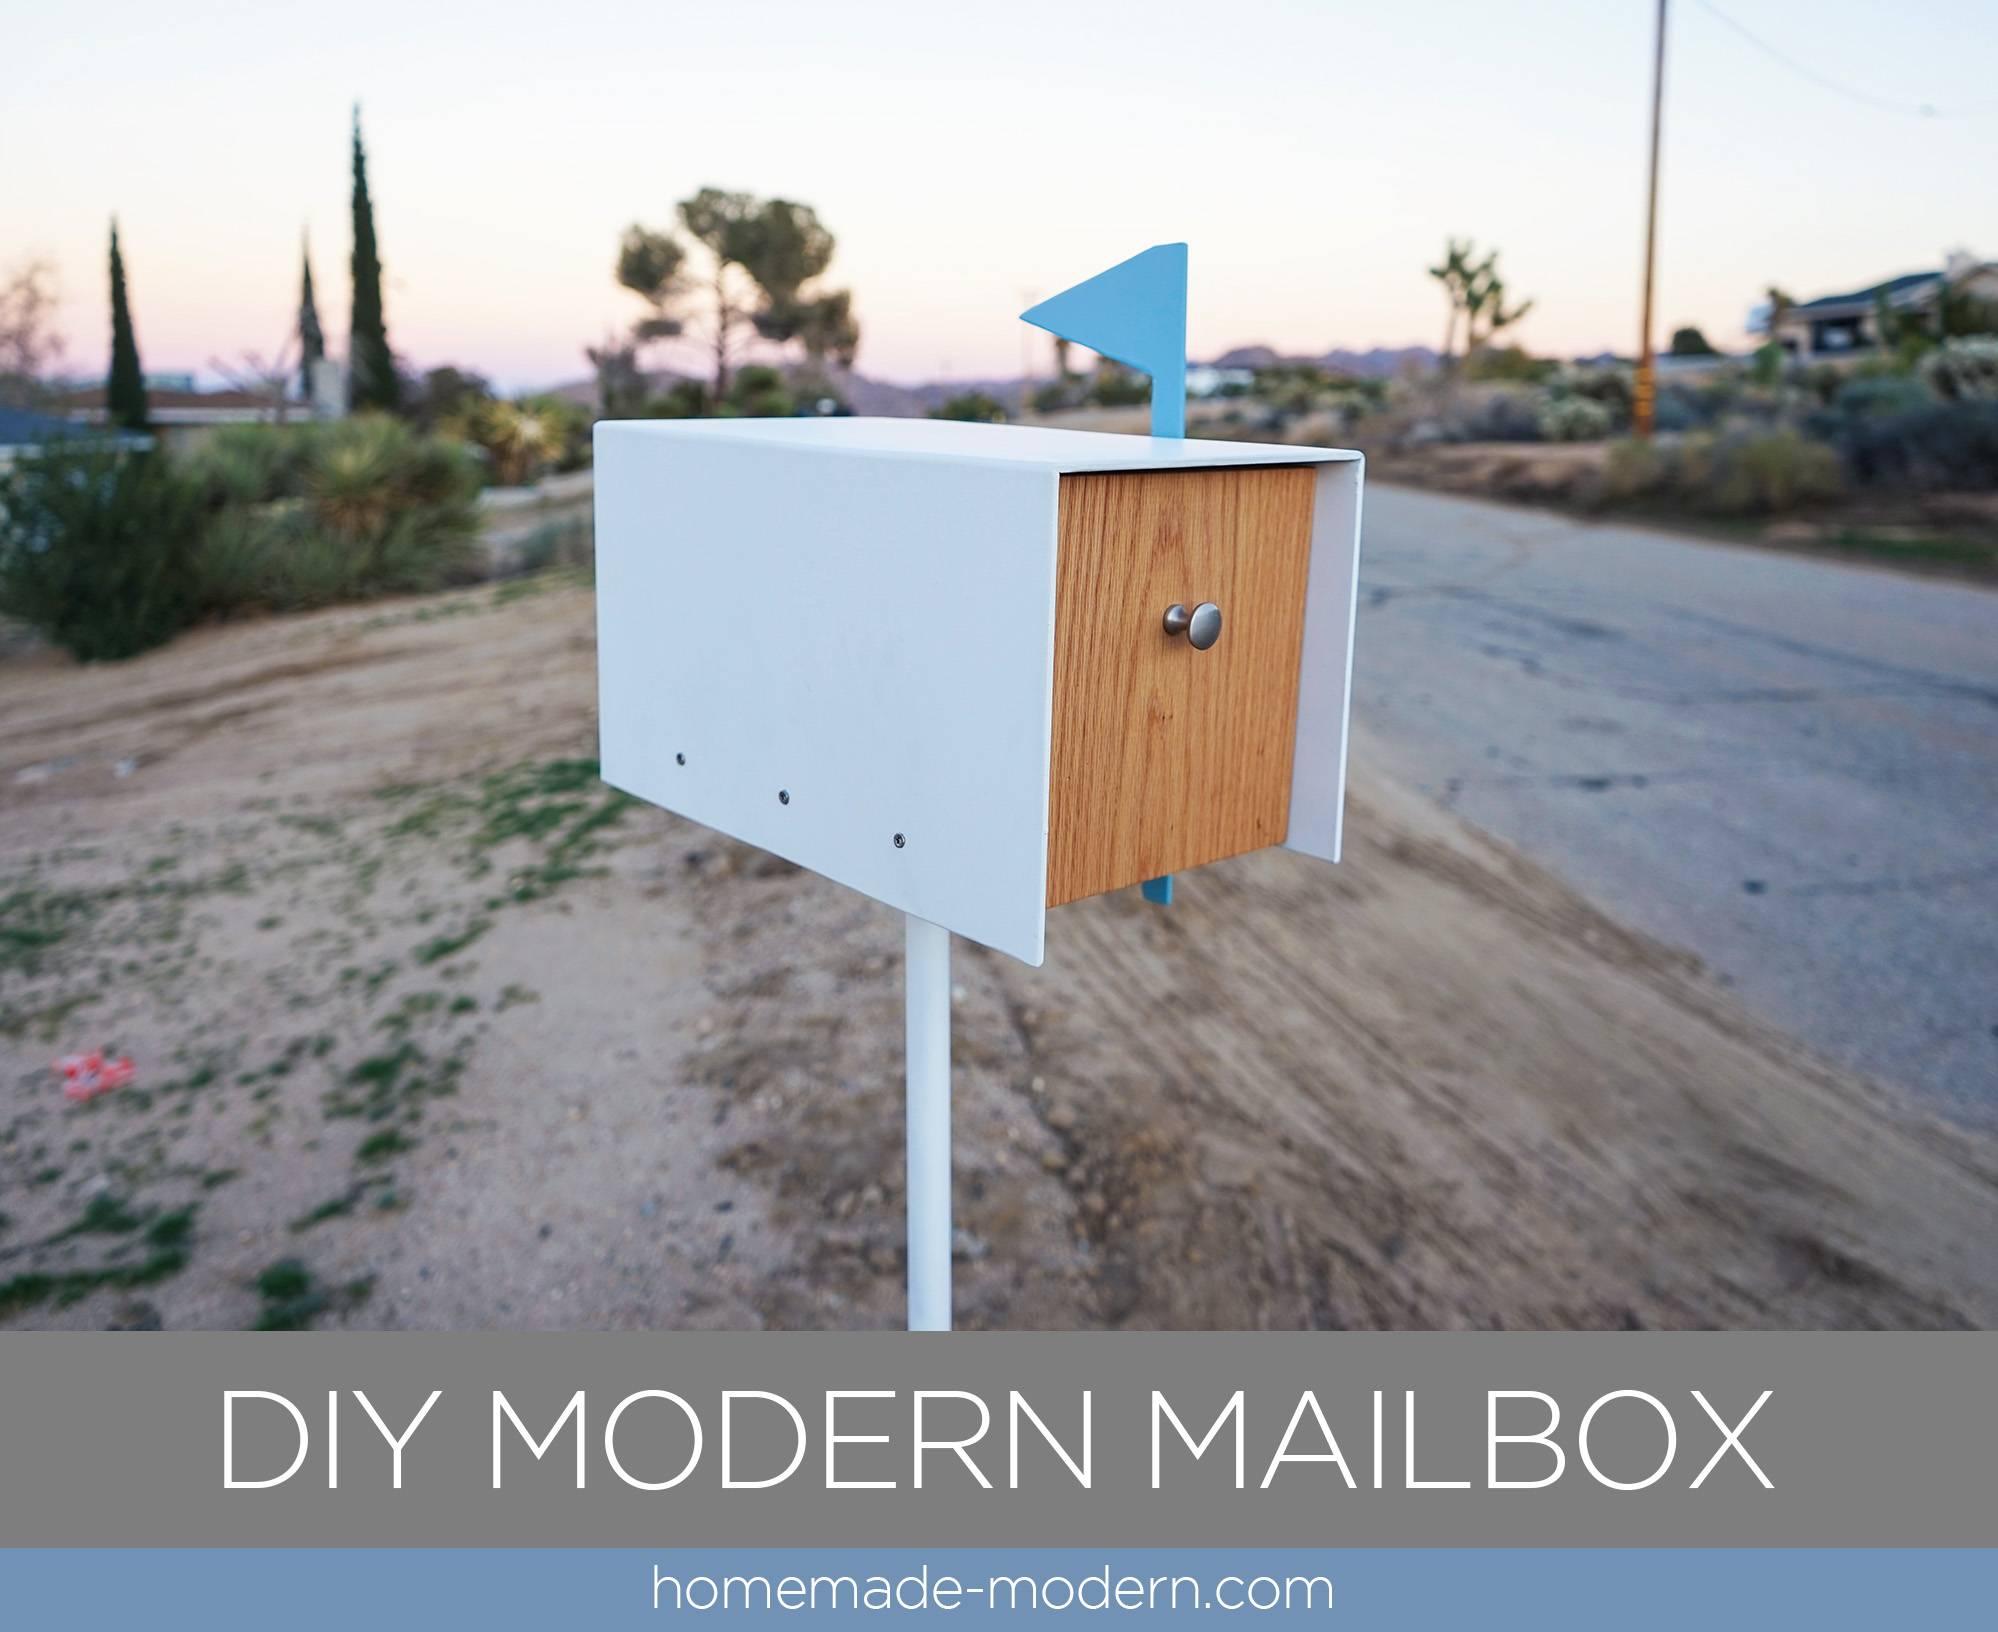 diymodernmailbox banner